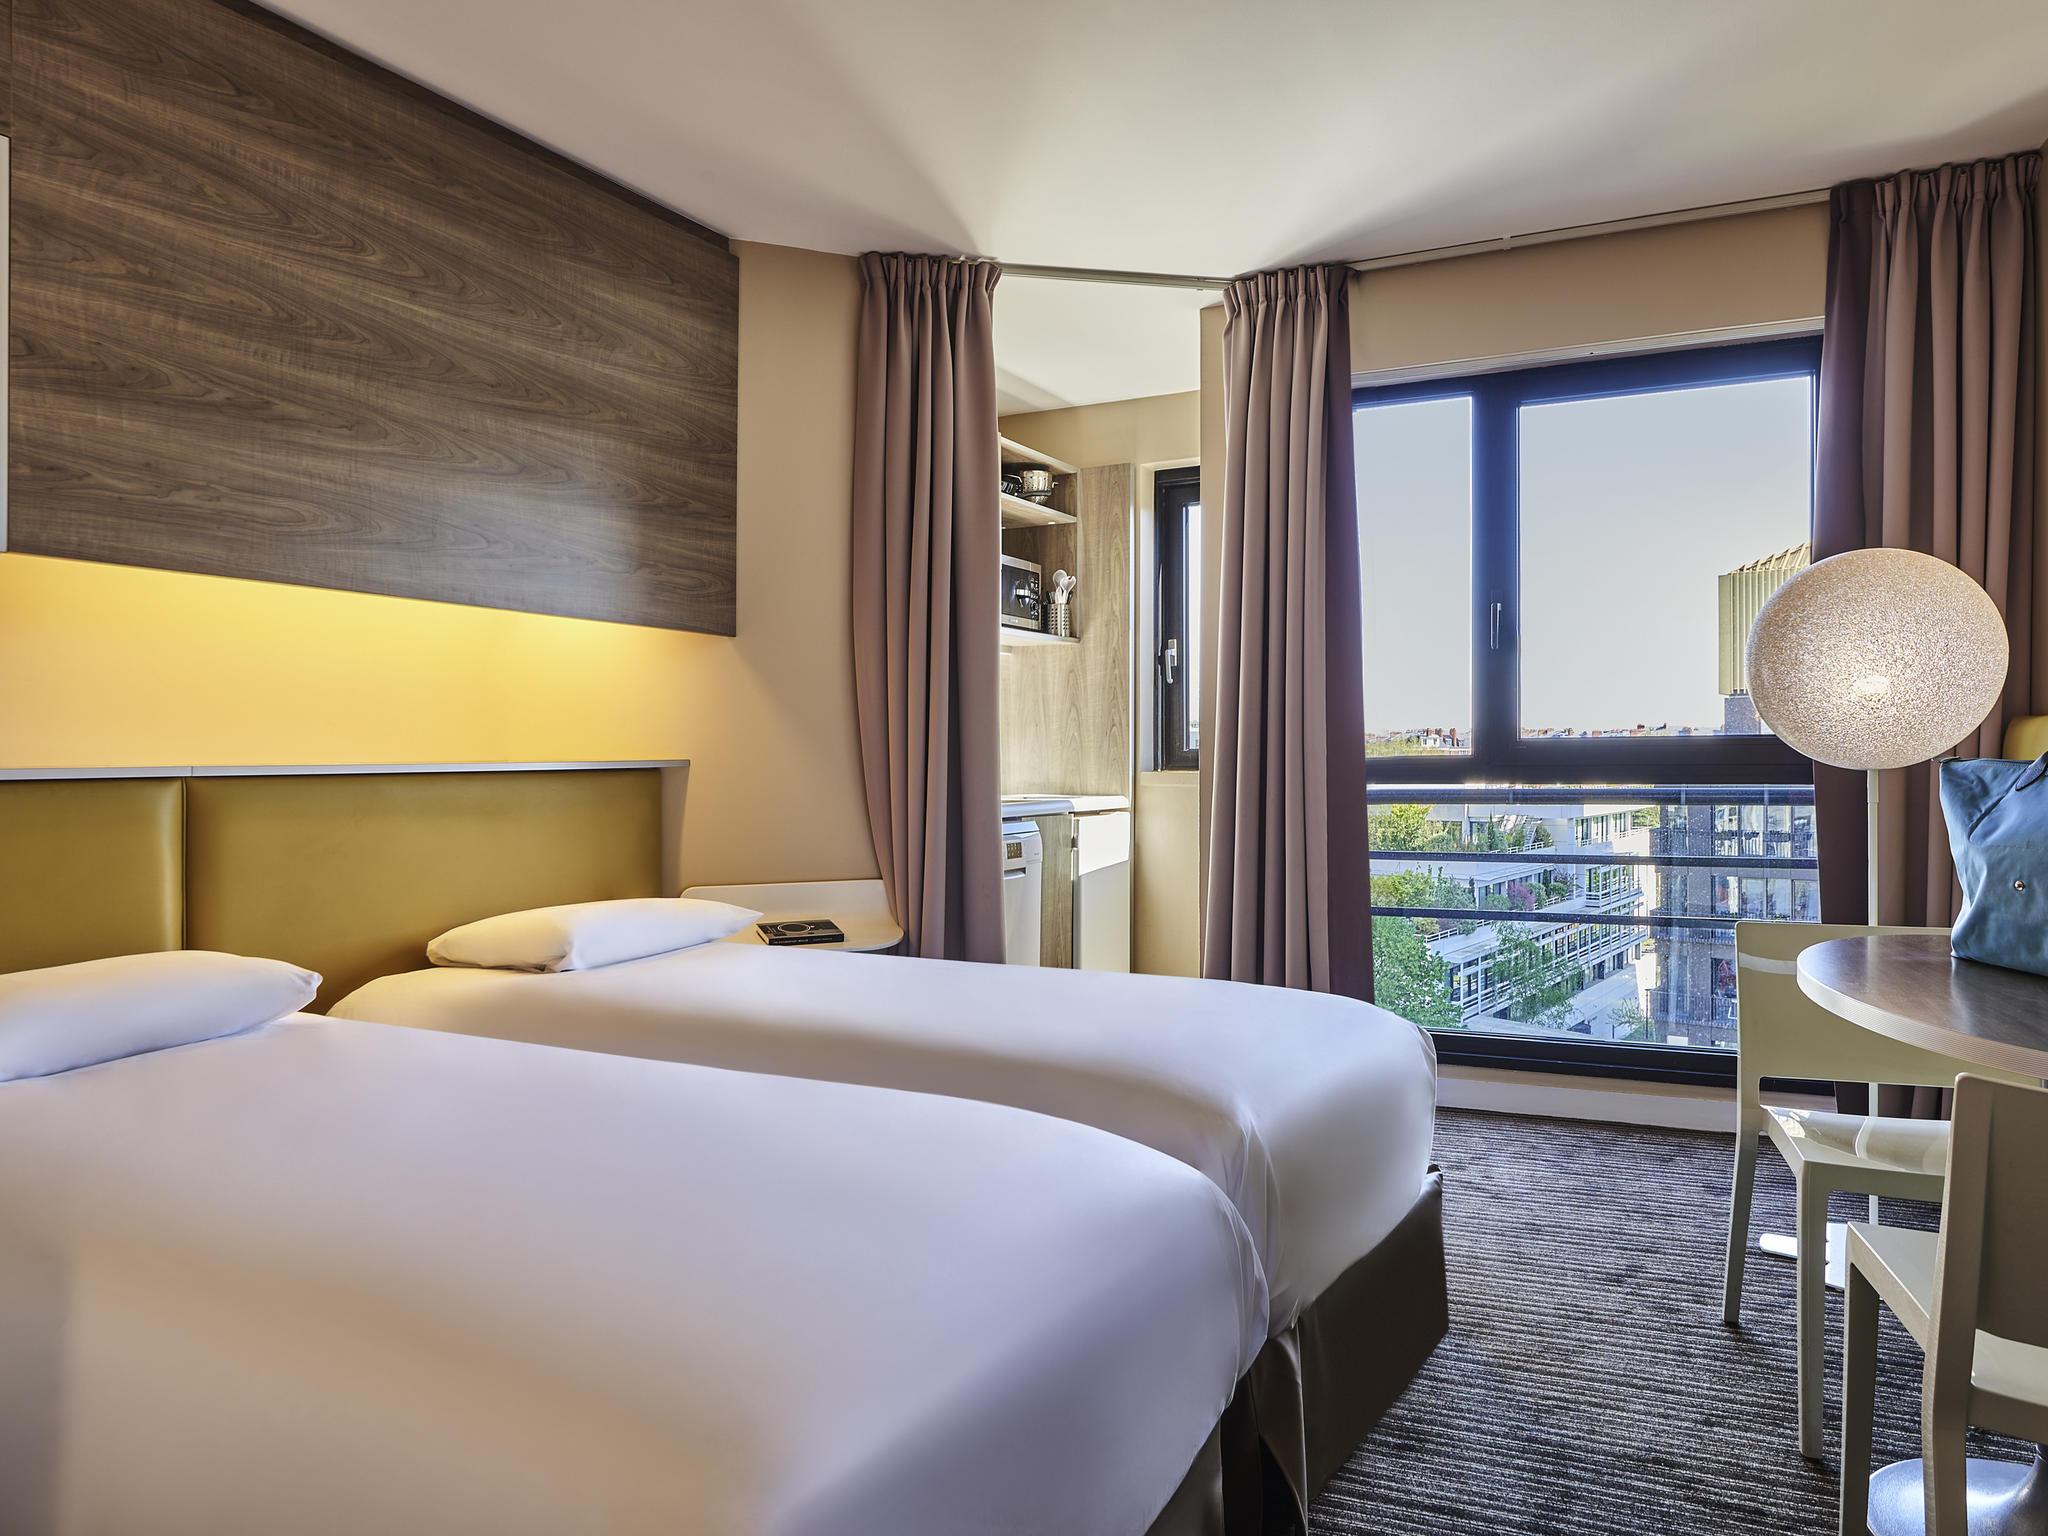 โรงแรม – Apparthotel Mercure Paris Boulogne